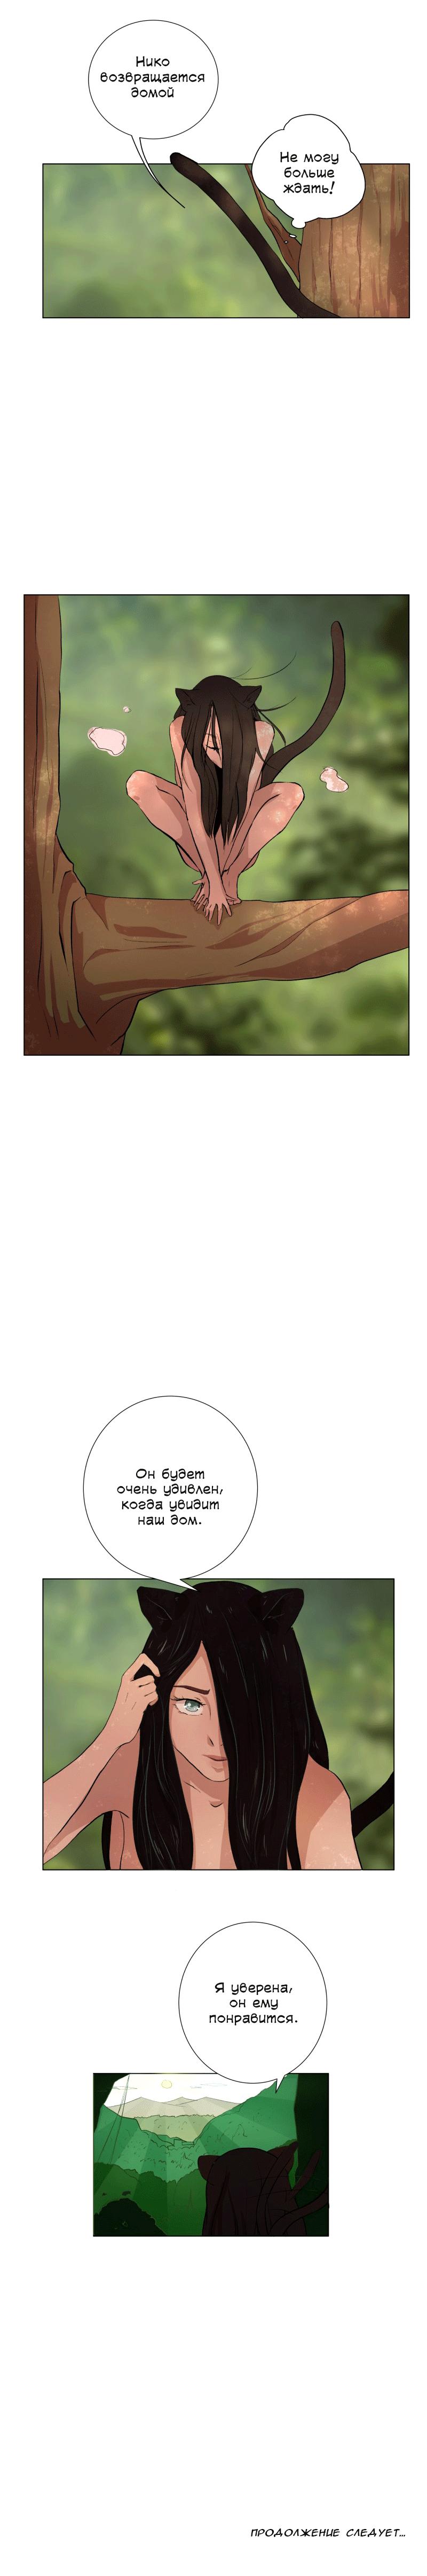 https://r1.ninemanga.com/comics/pic2/58/31802/324785/1494903939368.png Page 4